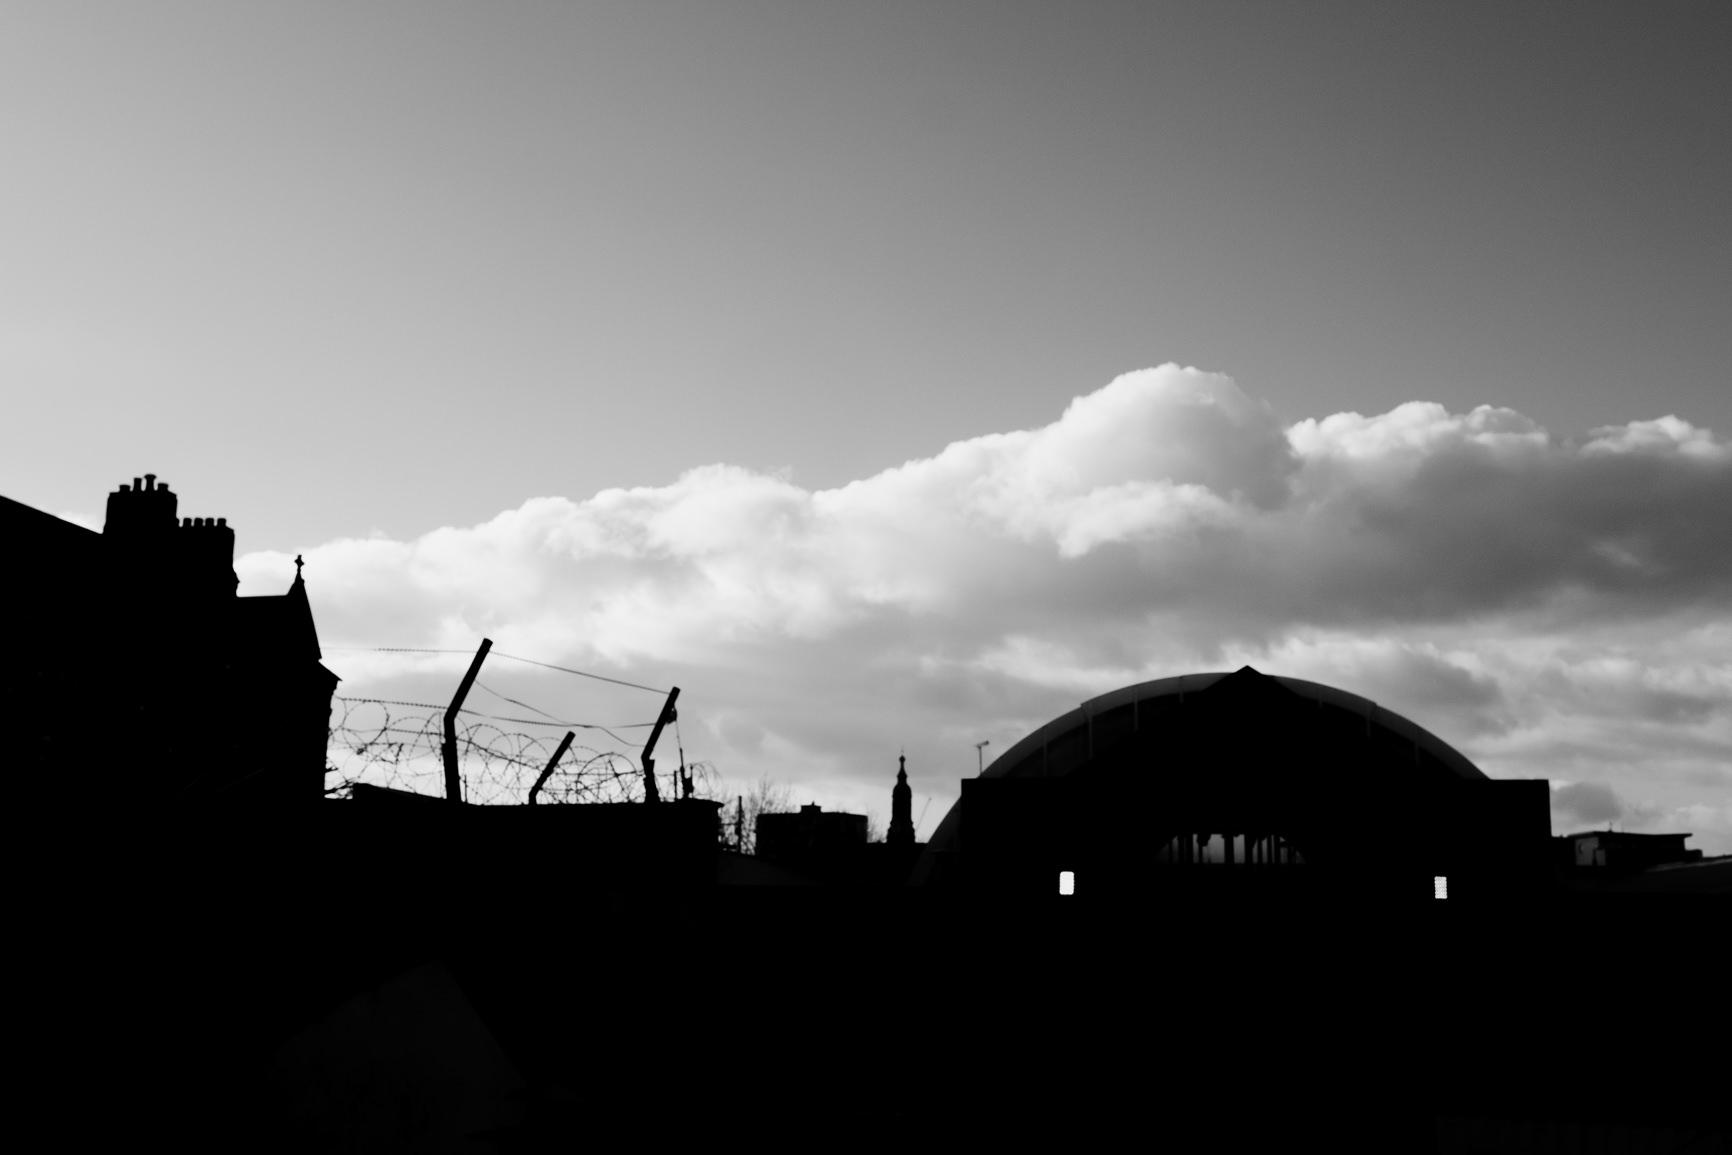 08-BaAD-Glasgow-silhouette-skies.jpg